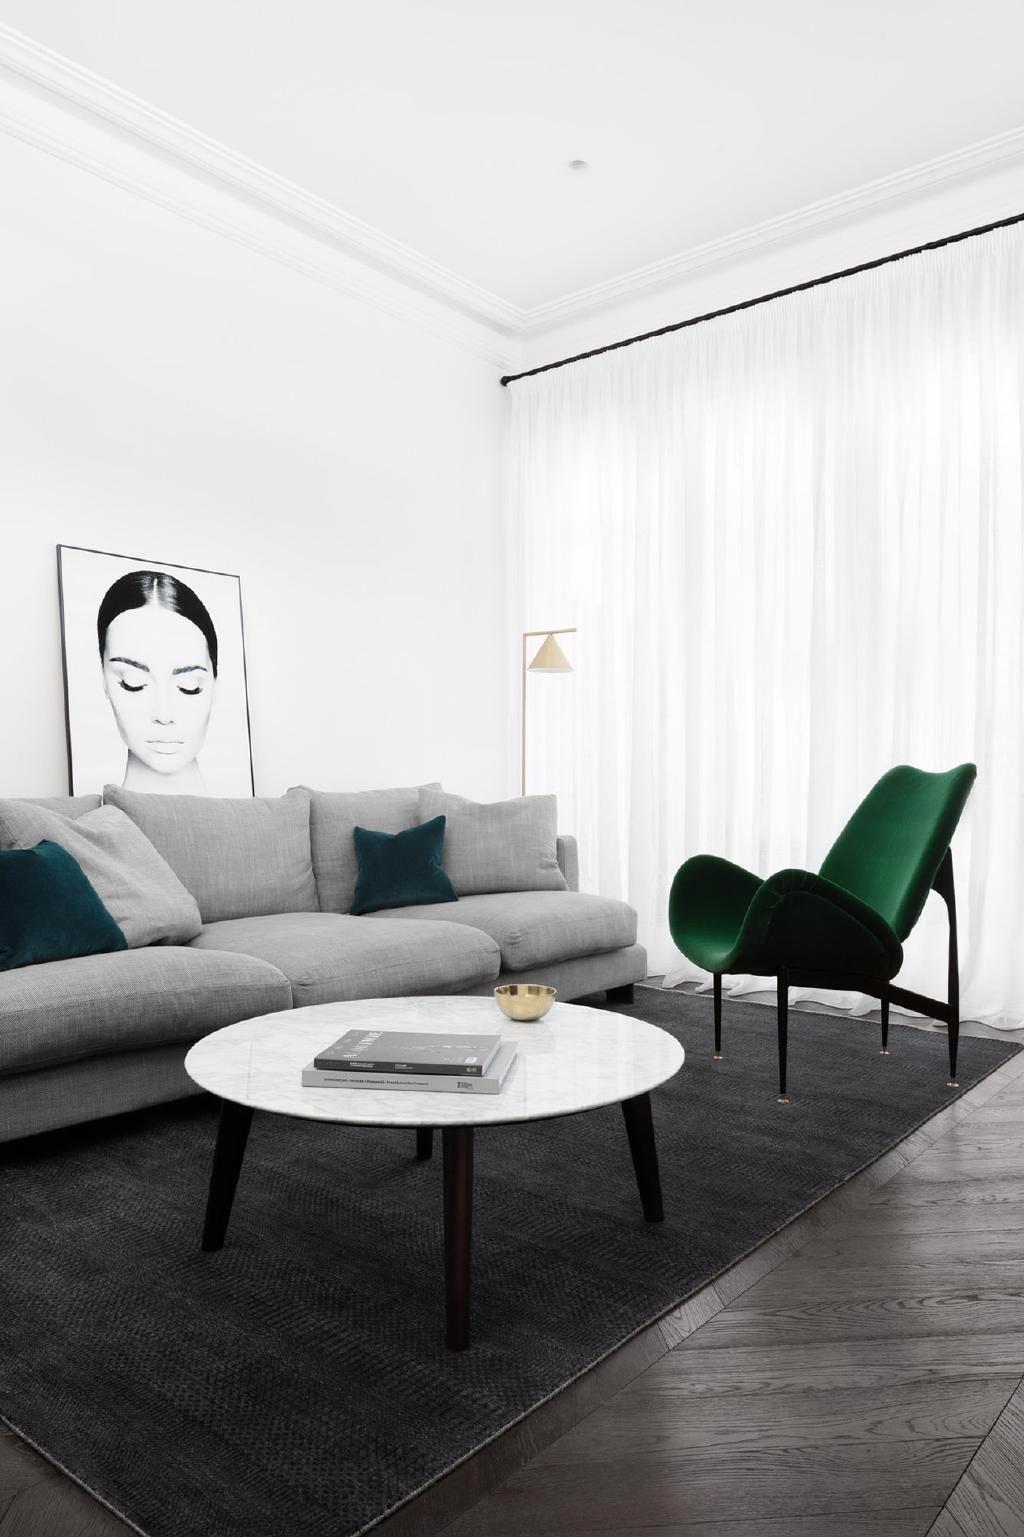 Best interior design websites motivationalquotesbible also rh pinterest